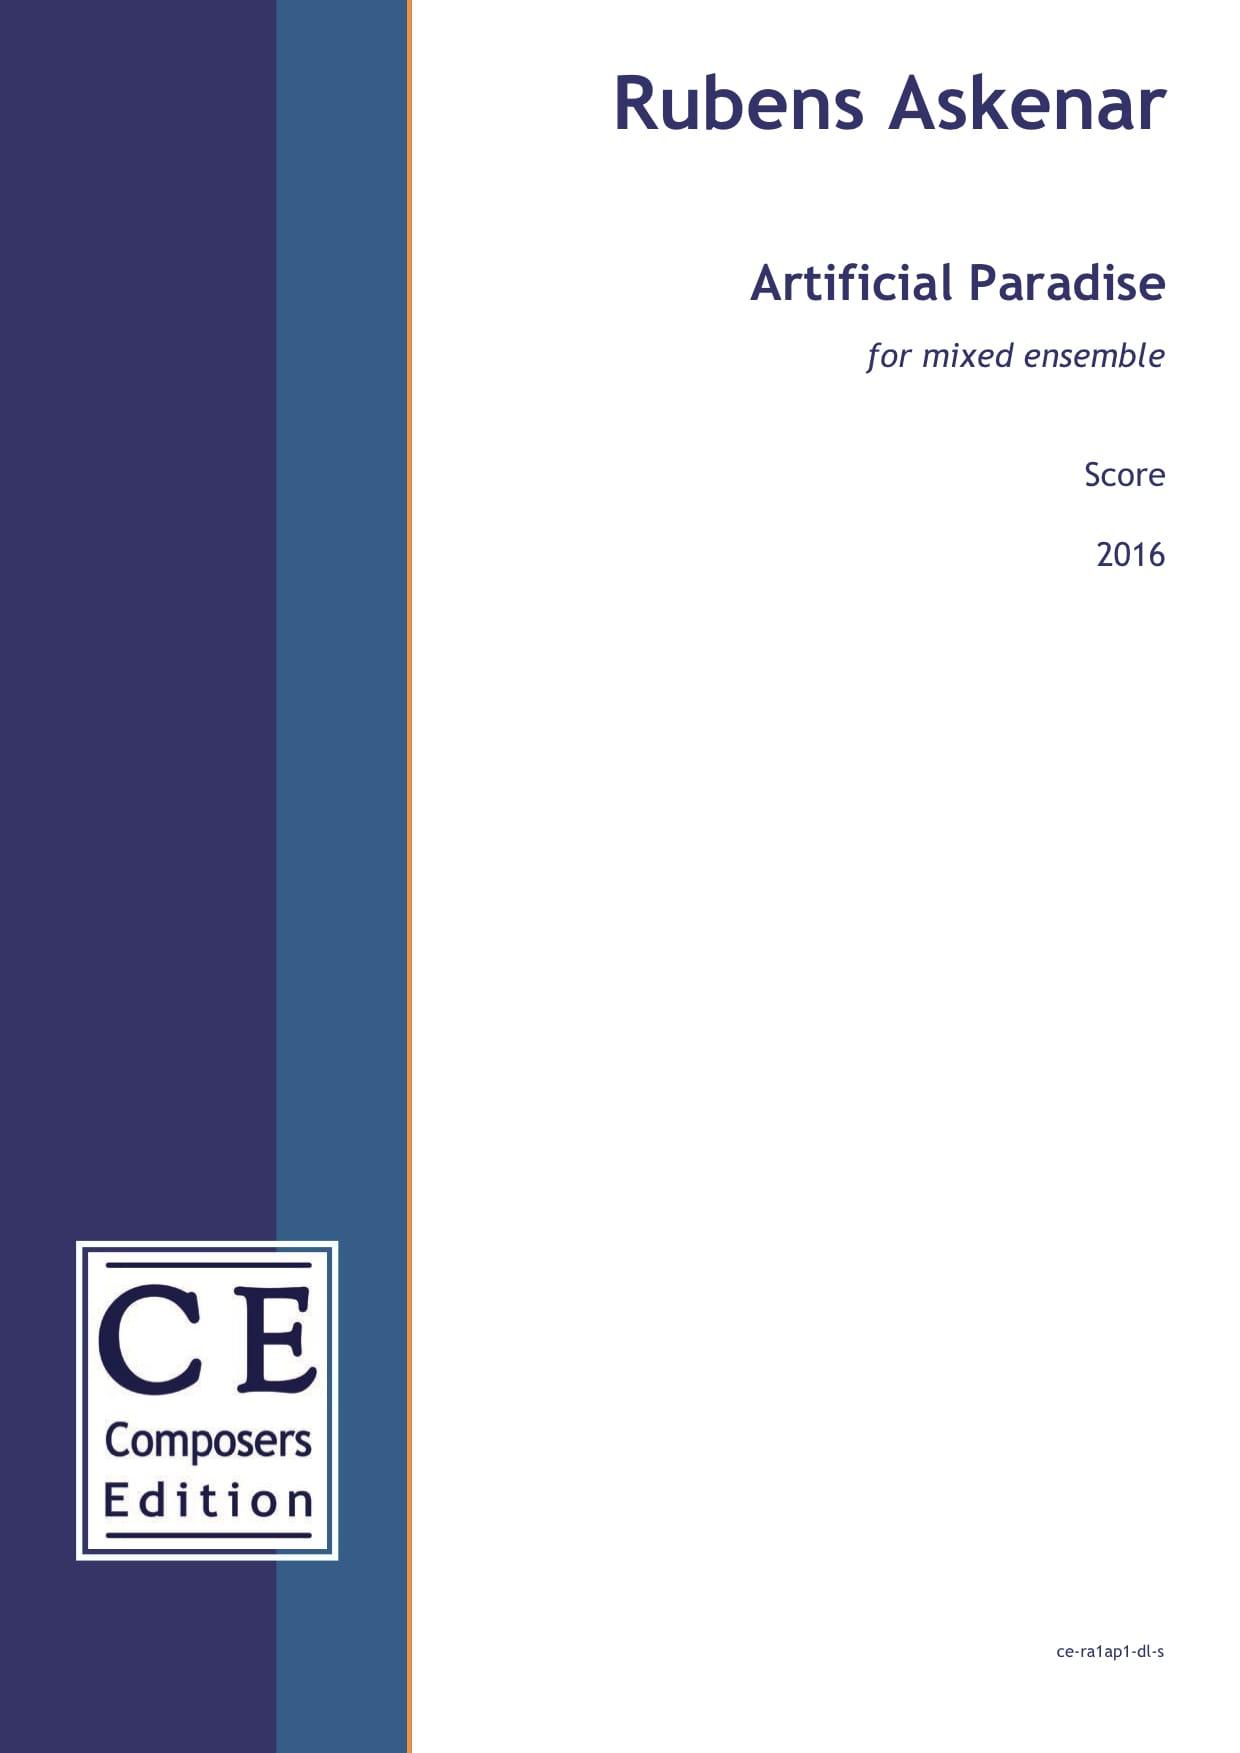 Rubens Askenar: Artificial Paradise for mixed ensemble